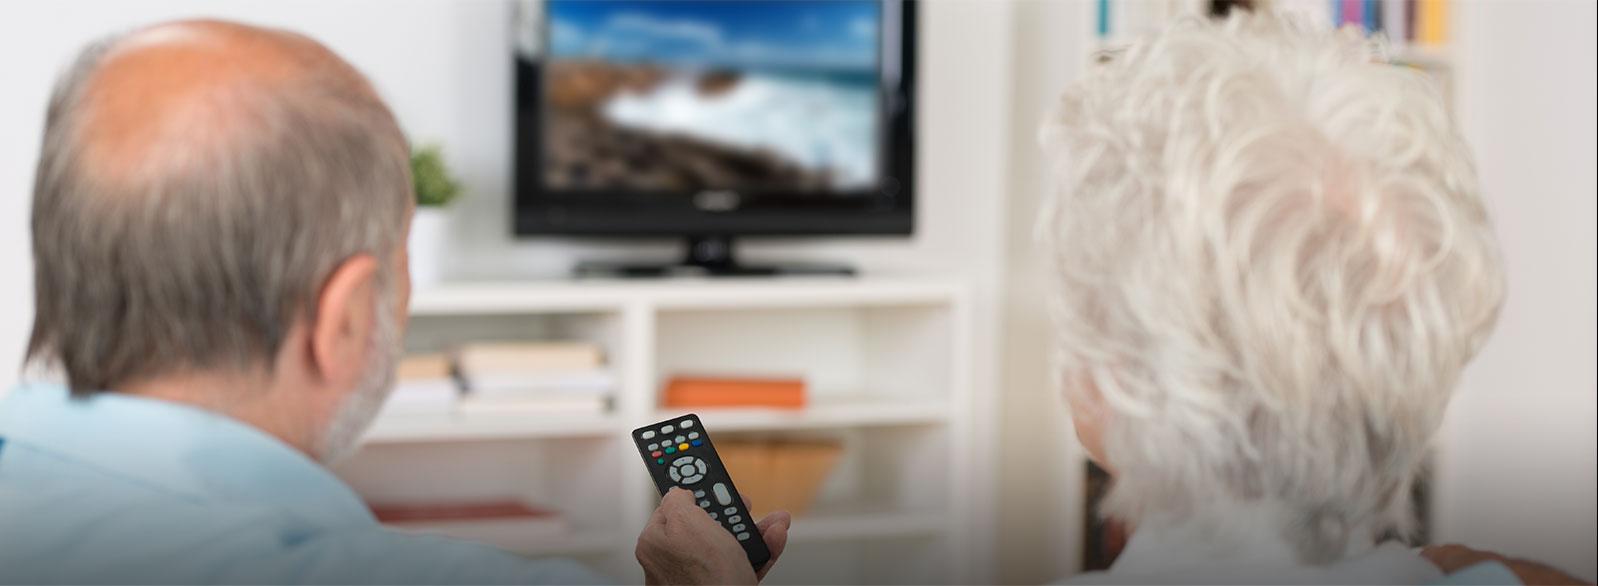 Você precisa aumentar o volume da televisão ou do rádio para poder ouvir?